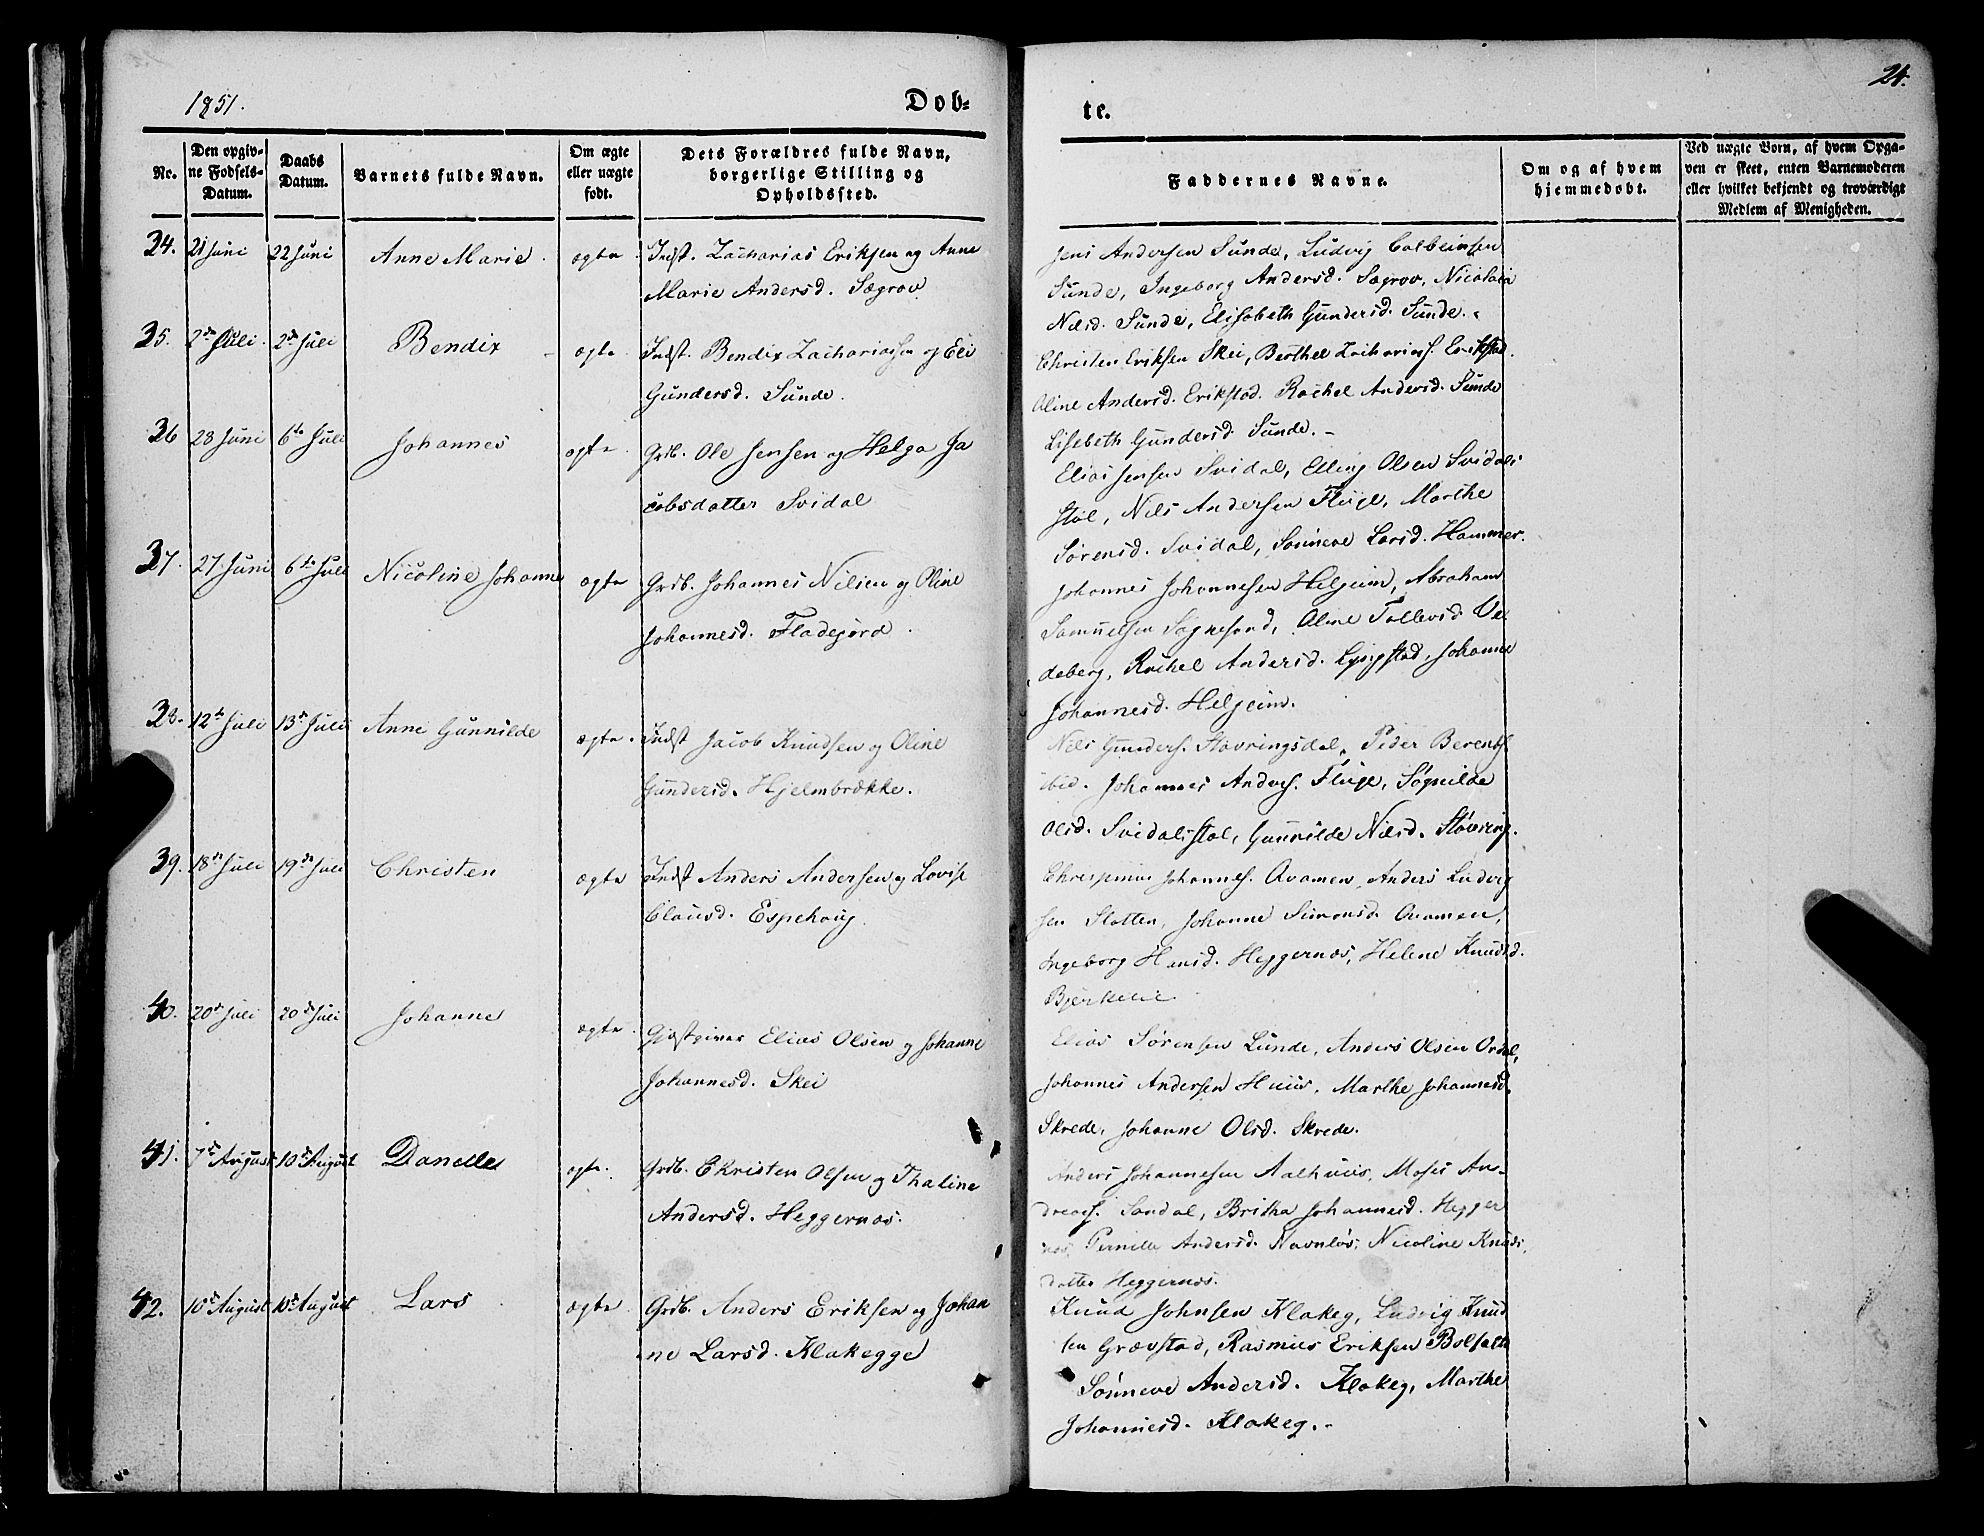 SAB, Jølster sokneprestembete, H/Haa/Haaa/L0010: Ministerialbok nr. A 10, 1847-1865, s. 24